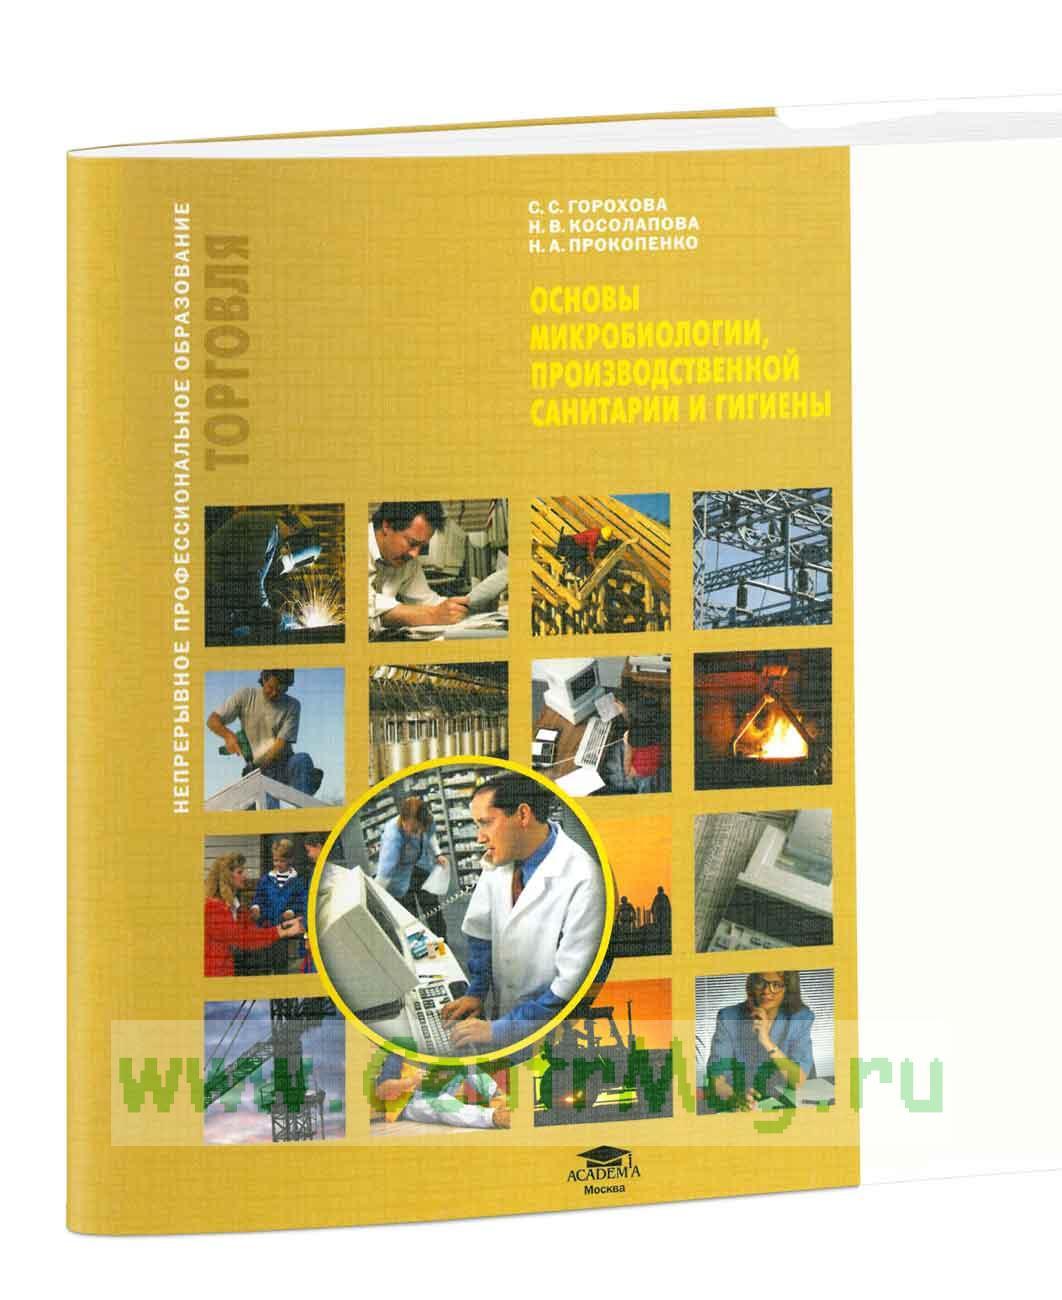 Основы микробиологии, производственной санитарии и гигиены: учебное пособие (5-е издание, стереотипное)